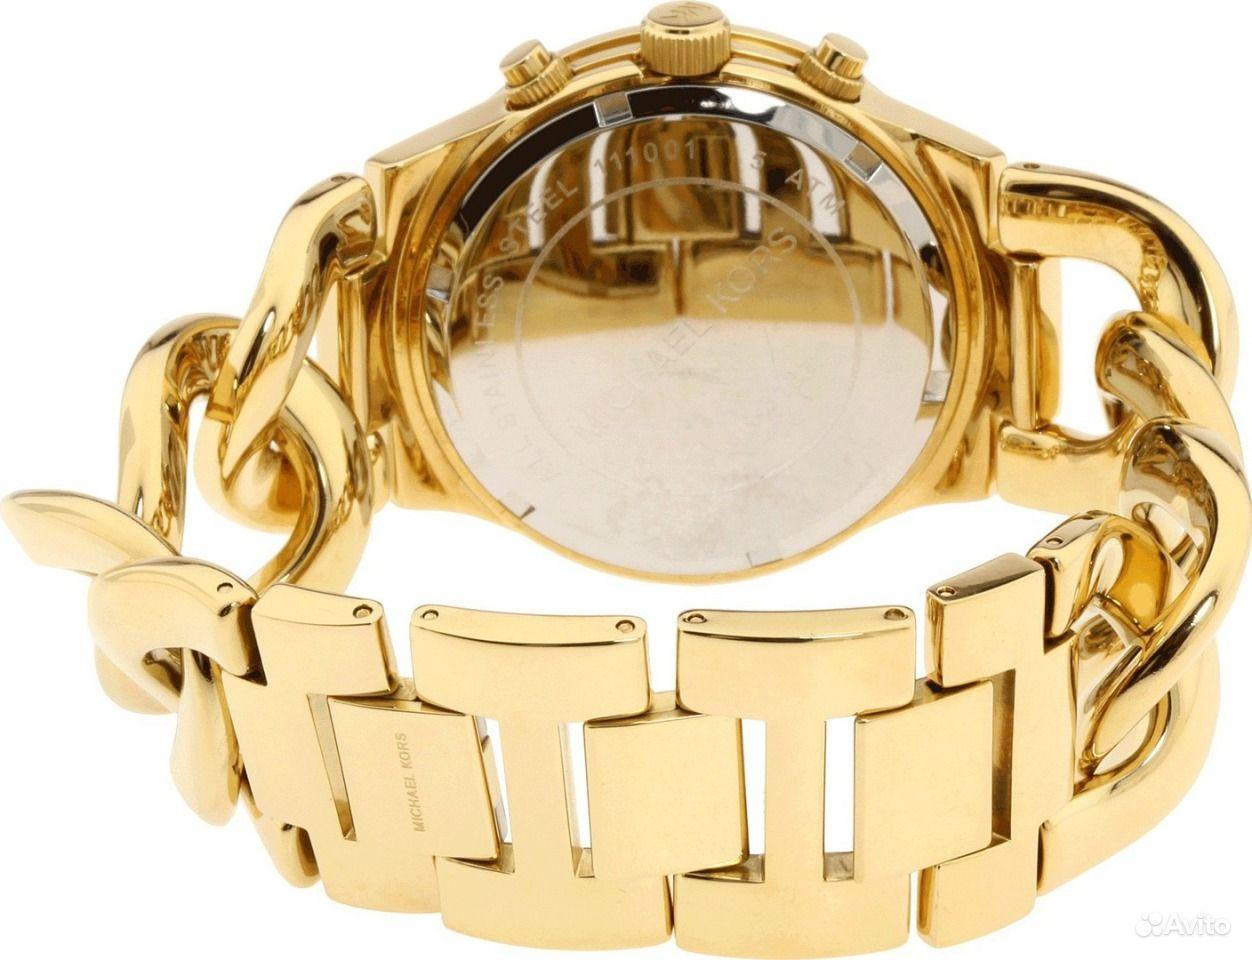 примеру, женские часы michael kors фото вашей стороне, них